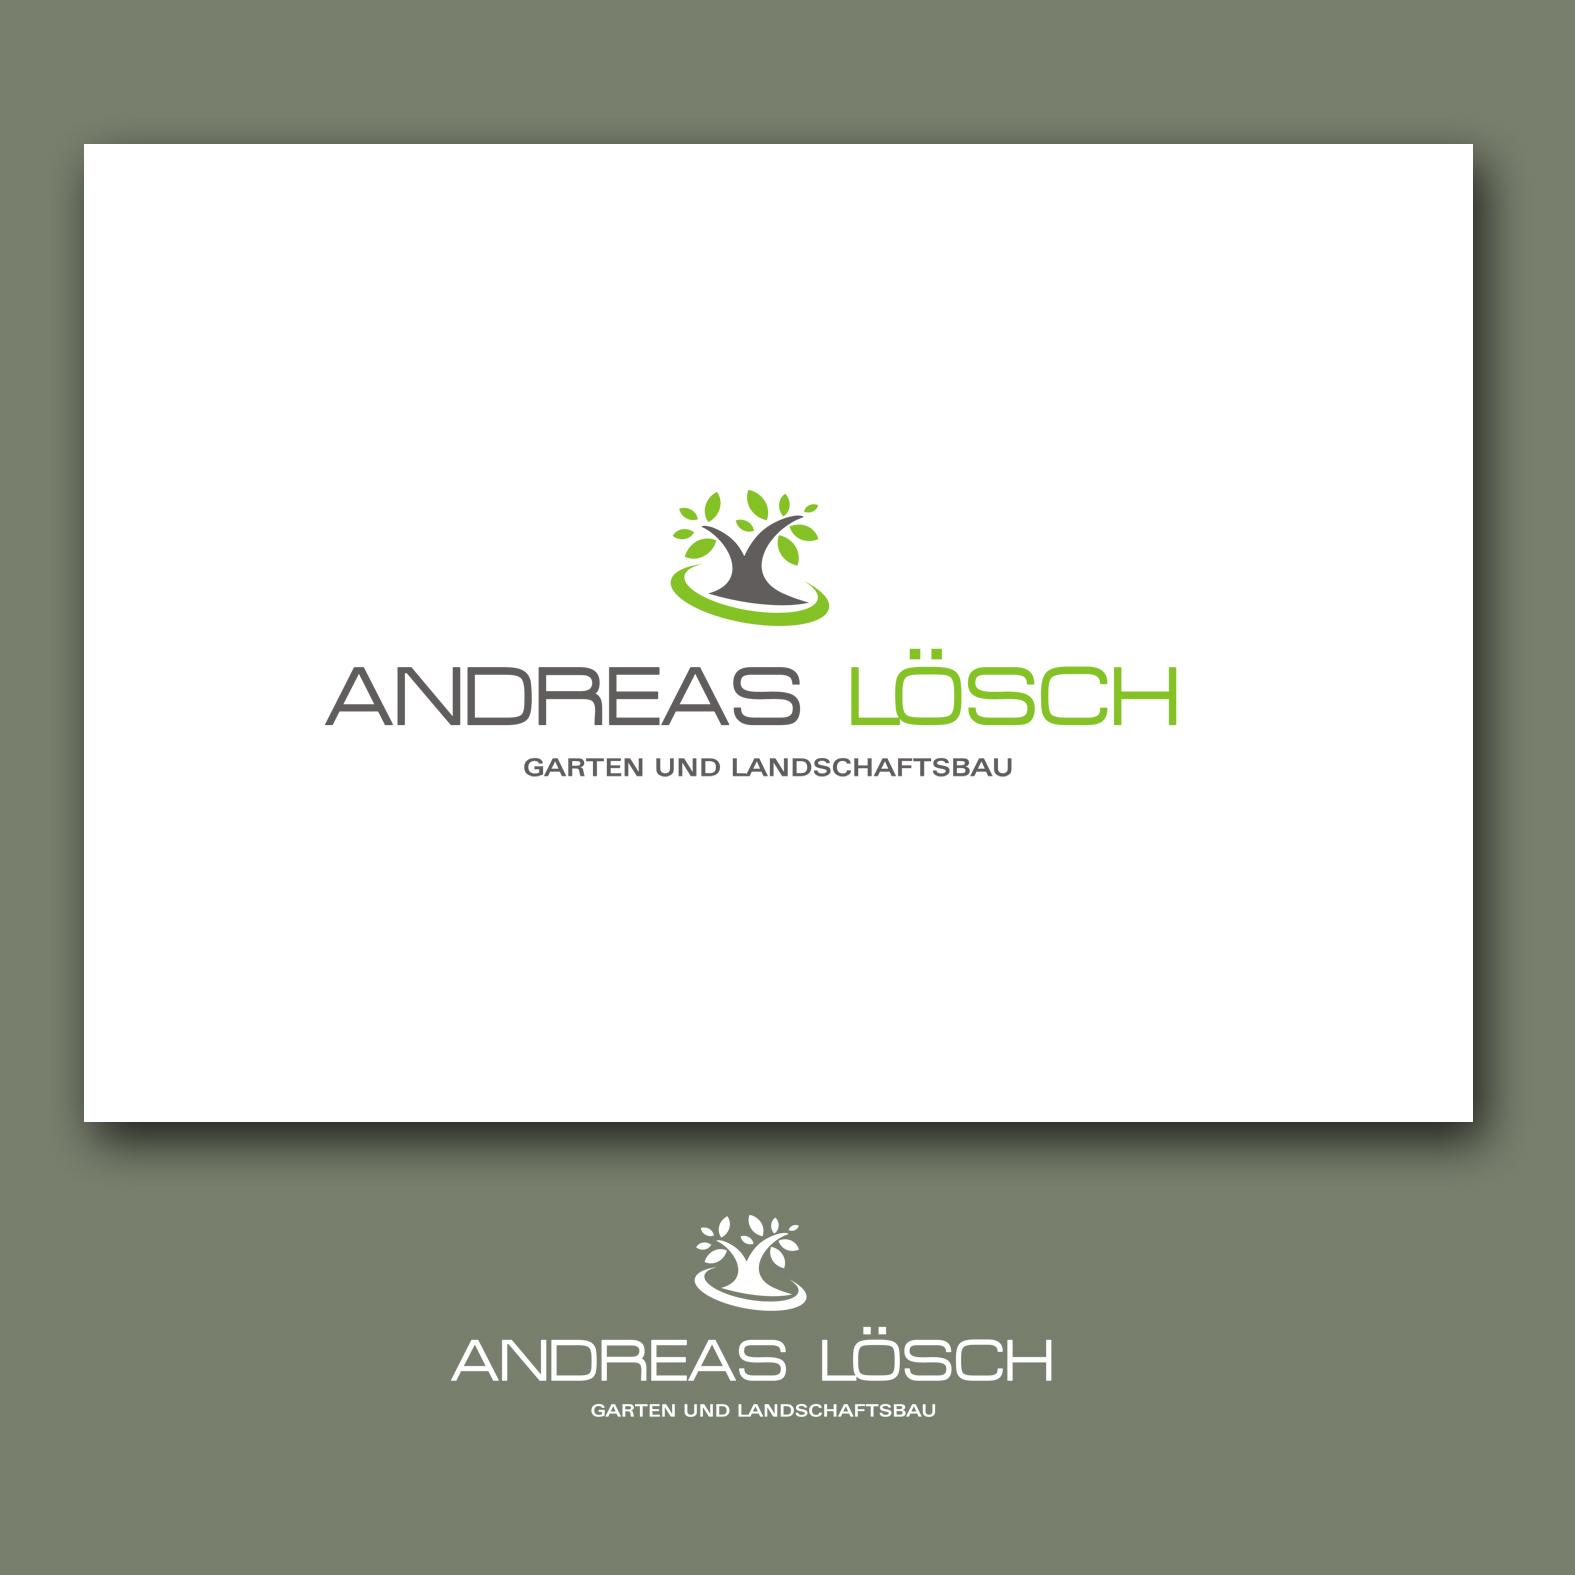 Garten Und Landschaftsbau Andreas Losch Logo Design